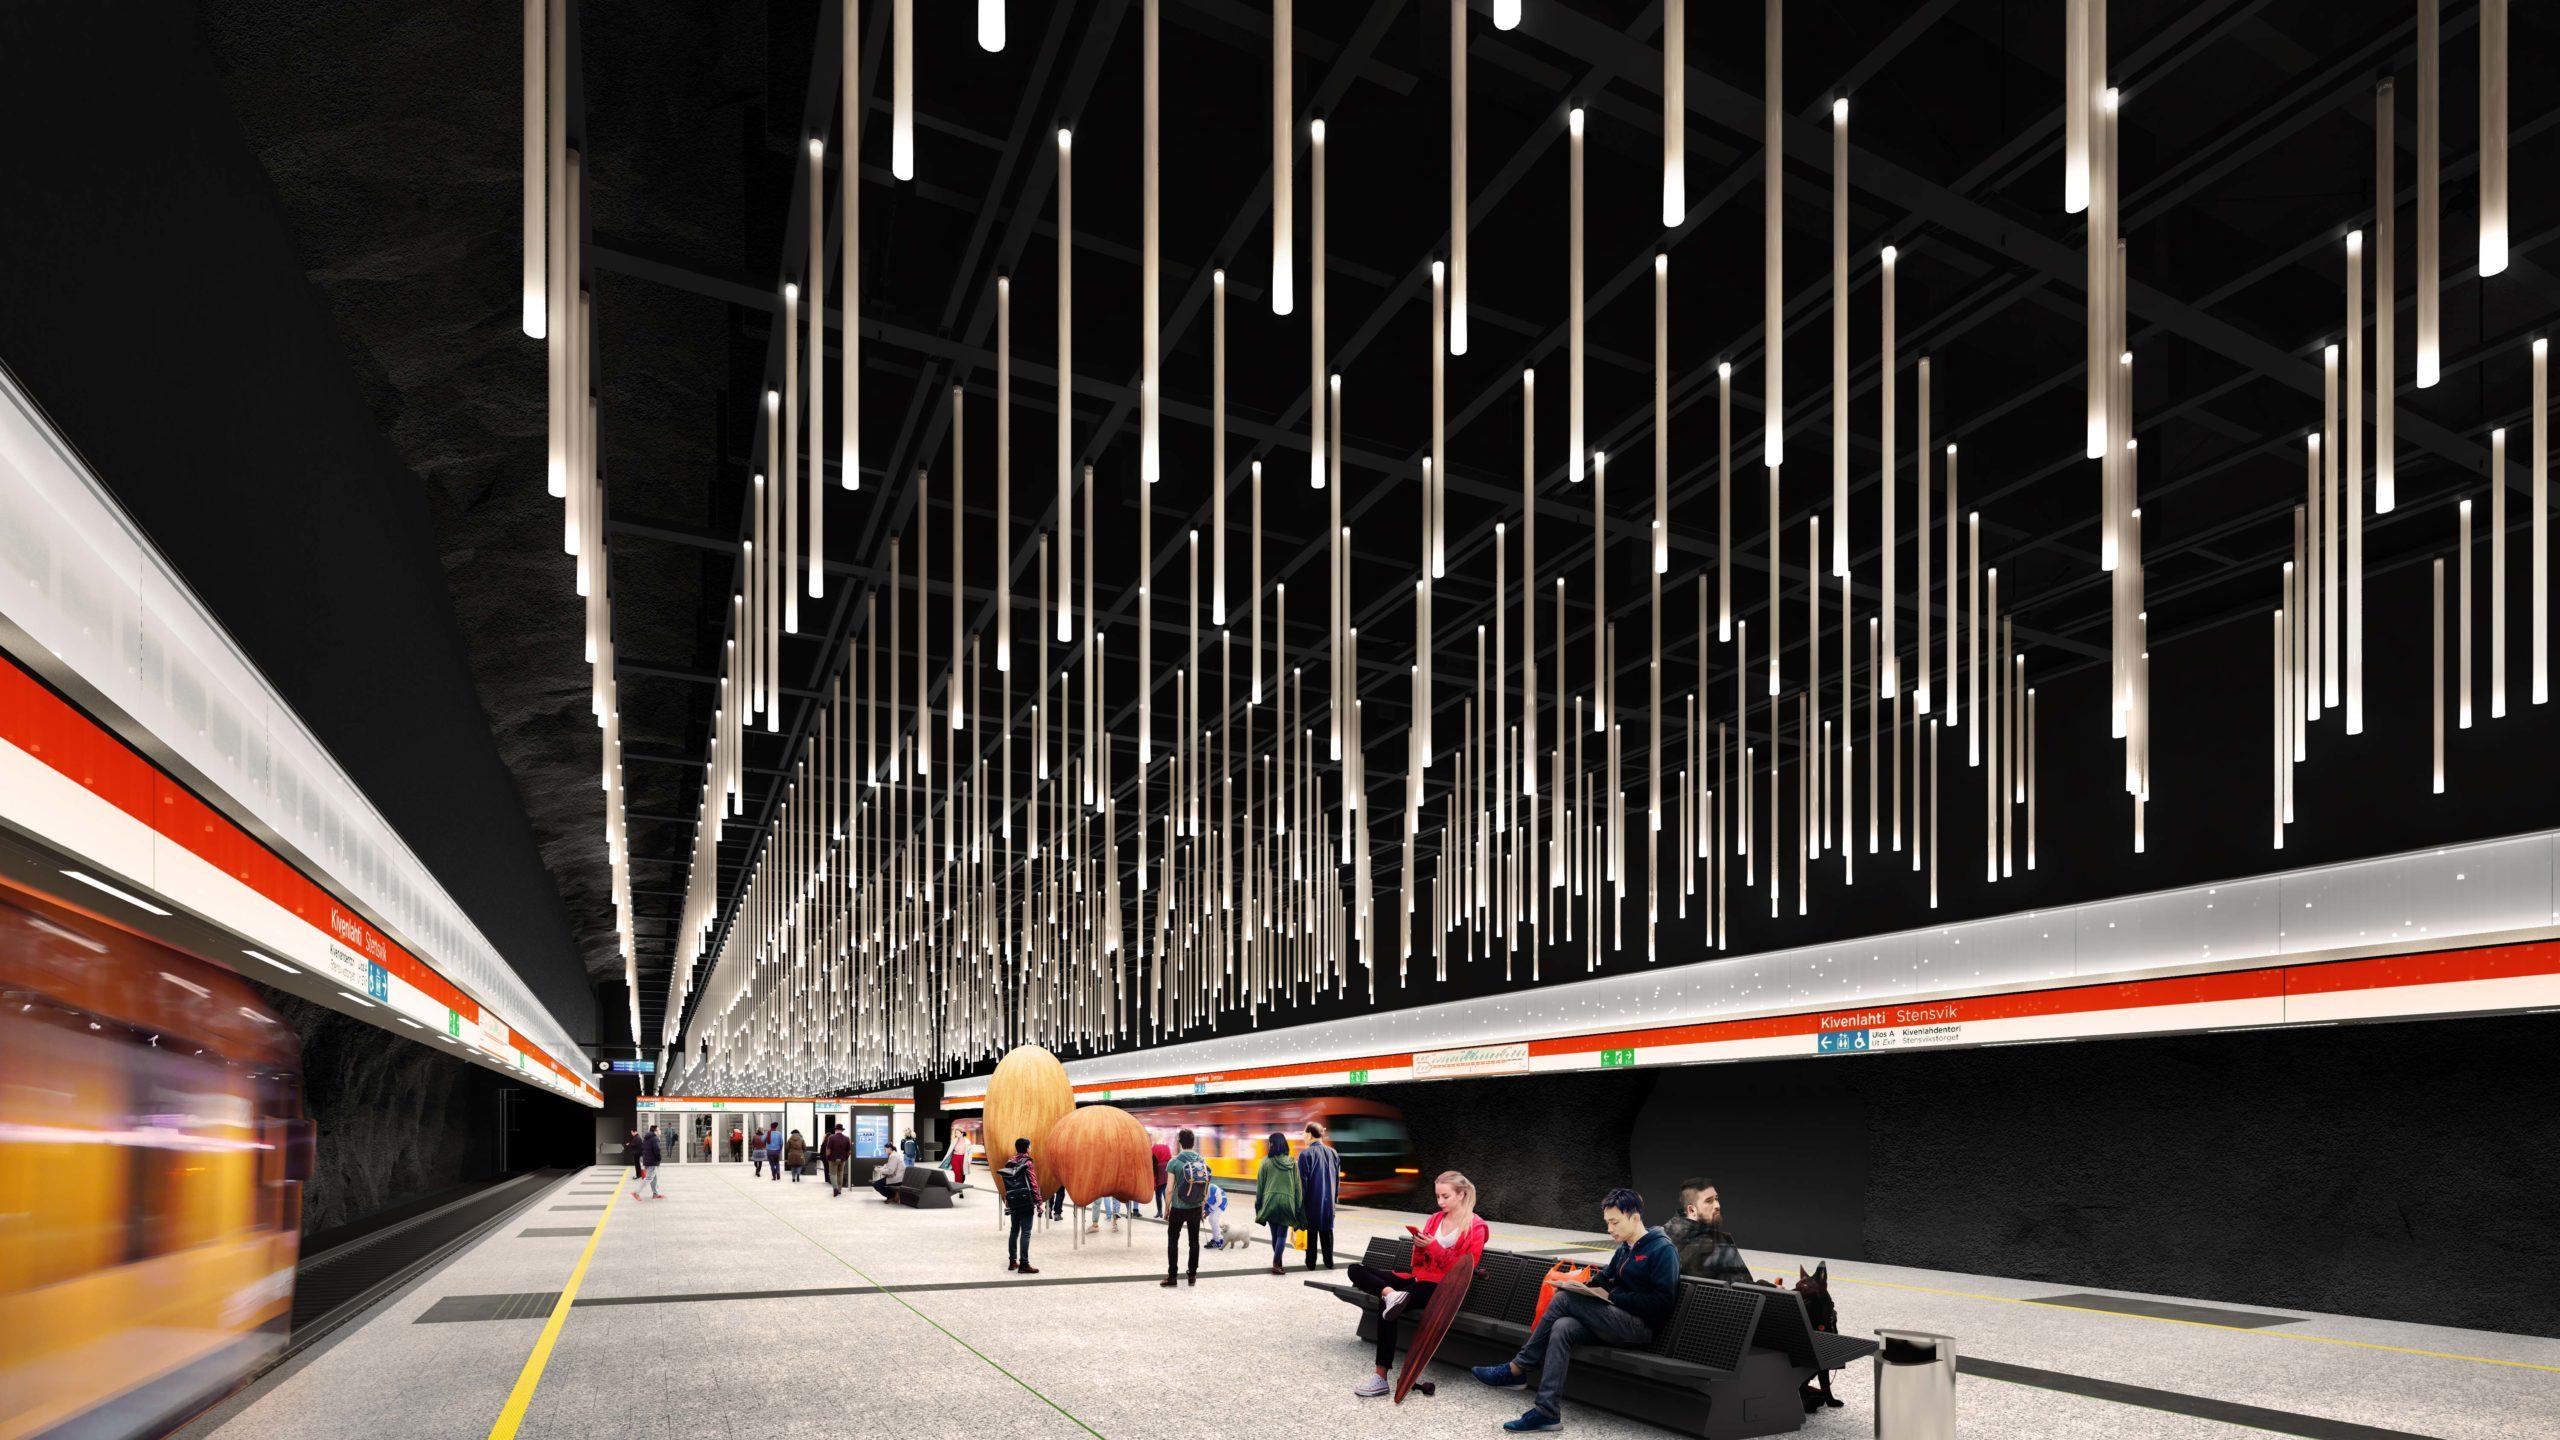 Kuvassa arkkitehdin havainnepiirros Kivenlahden metroaseman asemalaiturista. Laiturialueella valaistus koostuu valoputkista ja keskellä laituria on kaksi pyöreää puuveistosta.